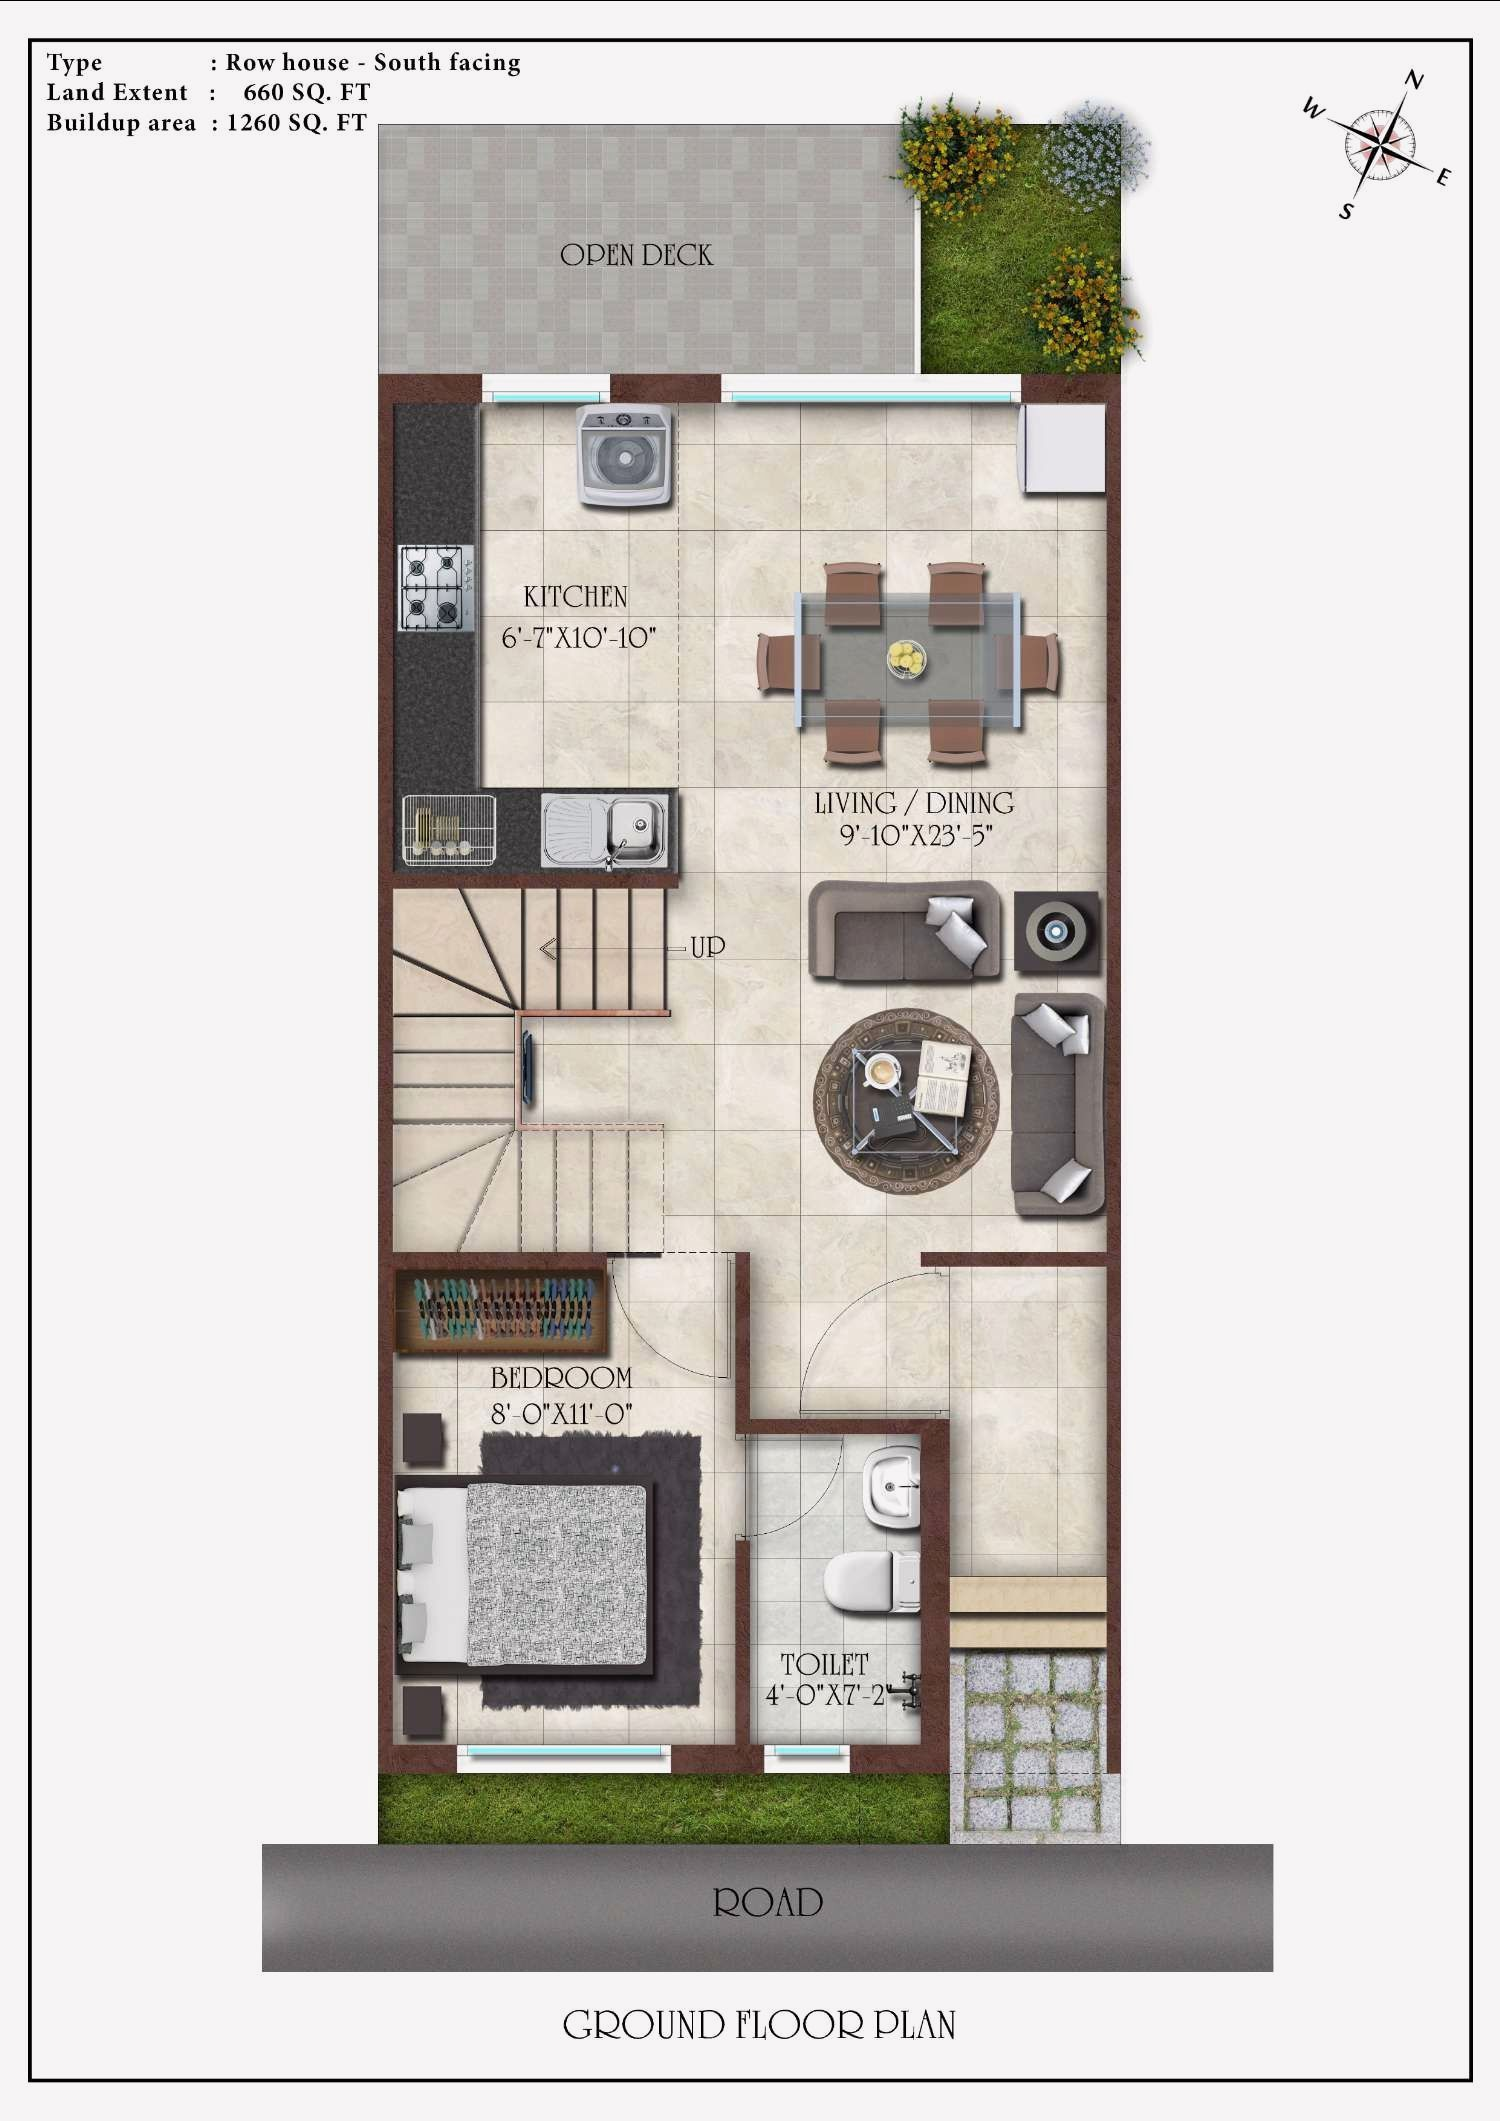 16 Modern Zen House Design With Floor Plan In 2020 Zen House Design Modern Zen House Zen House